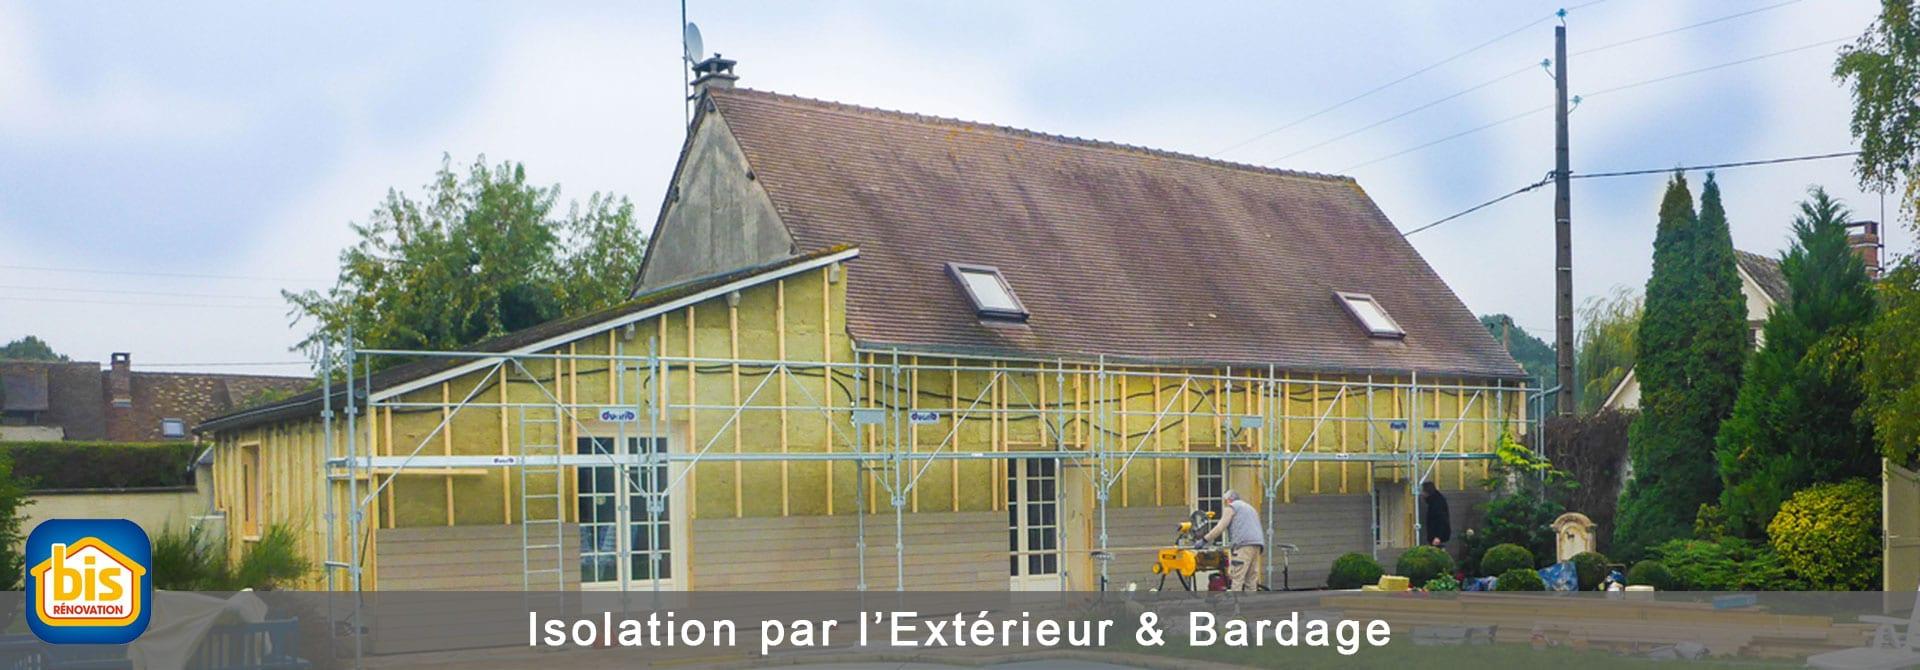 isolation_exterieur_bardage